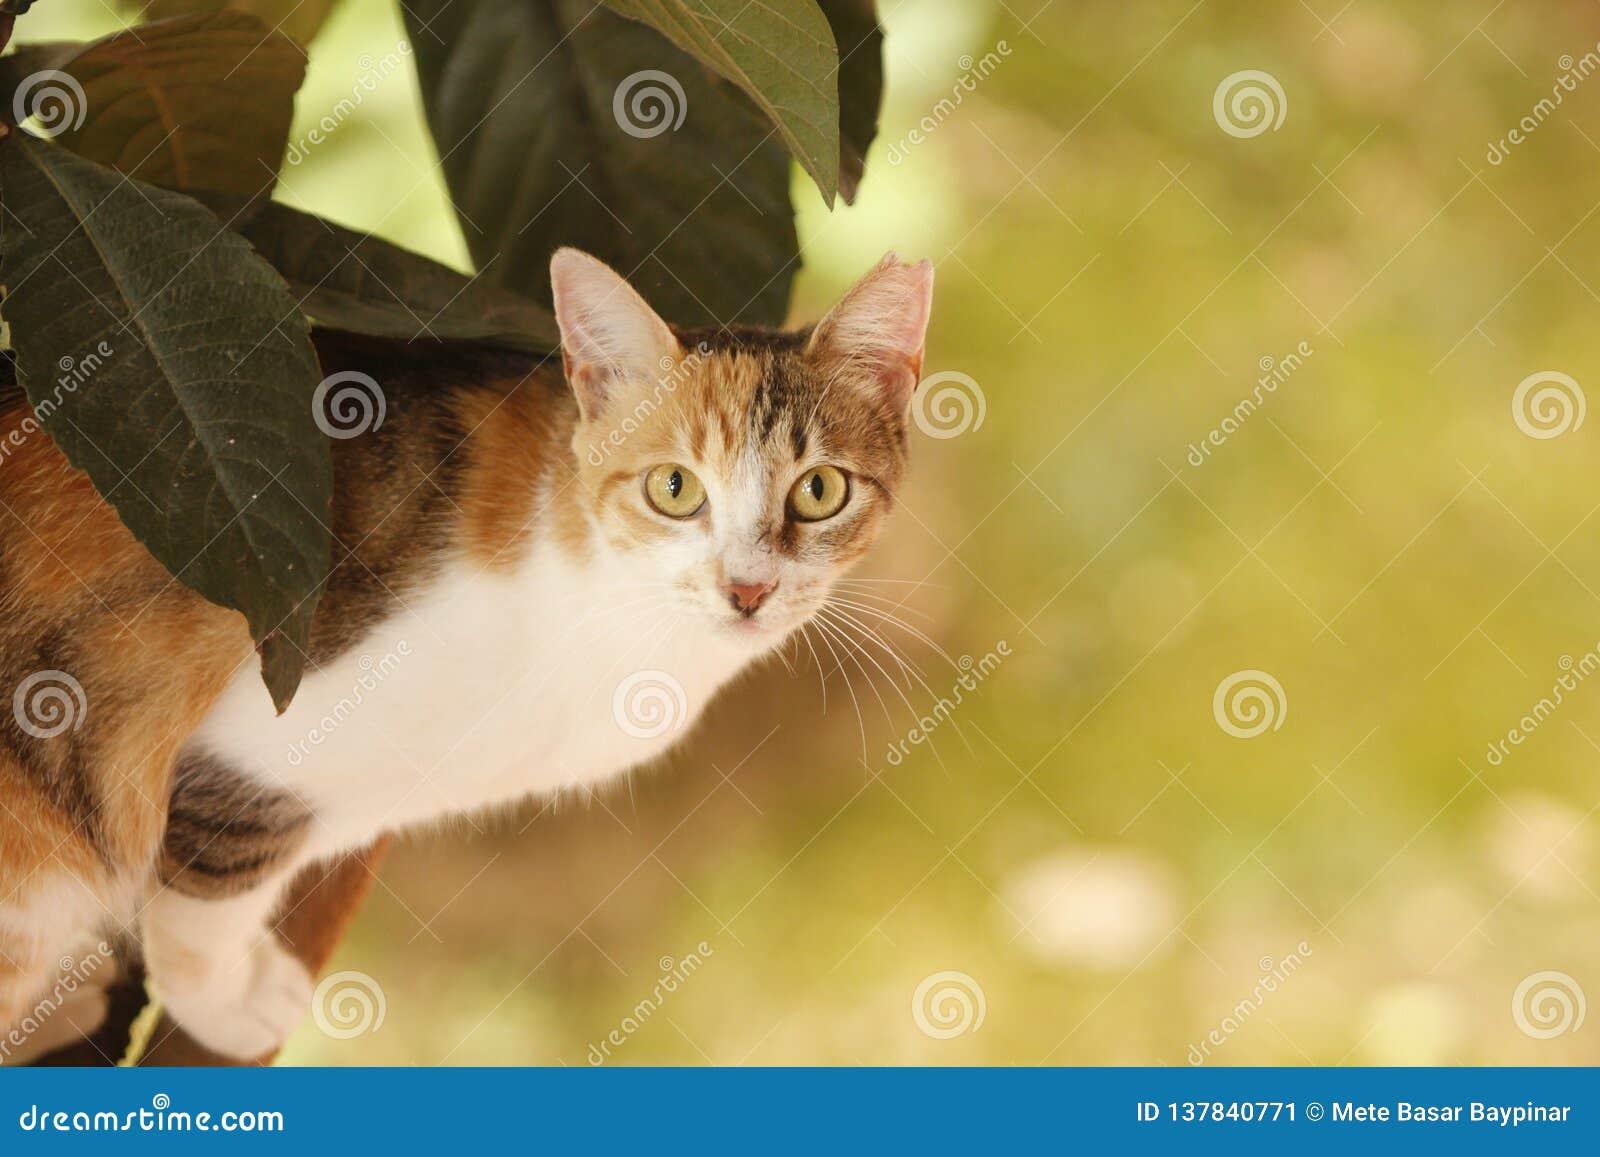 Gato tricolor disperso com pele curto e olhares fixos em